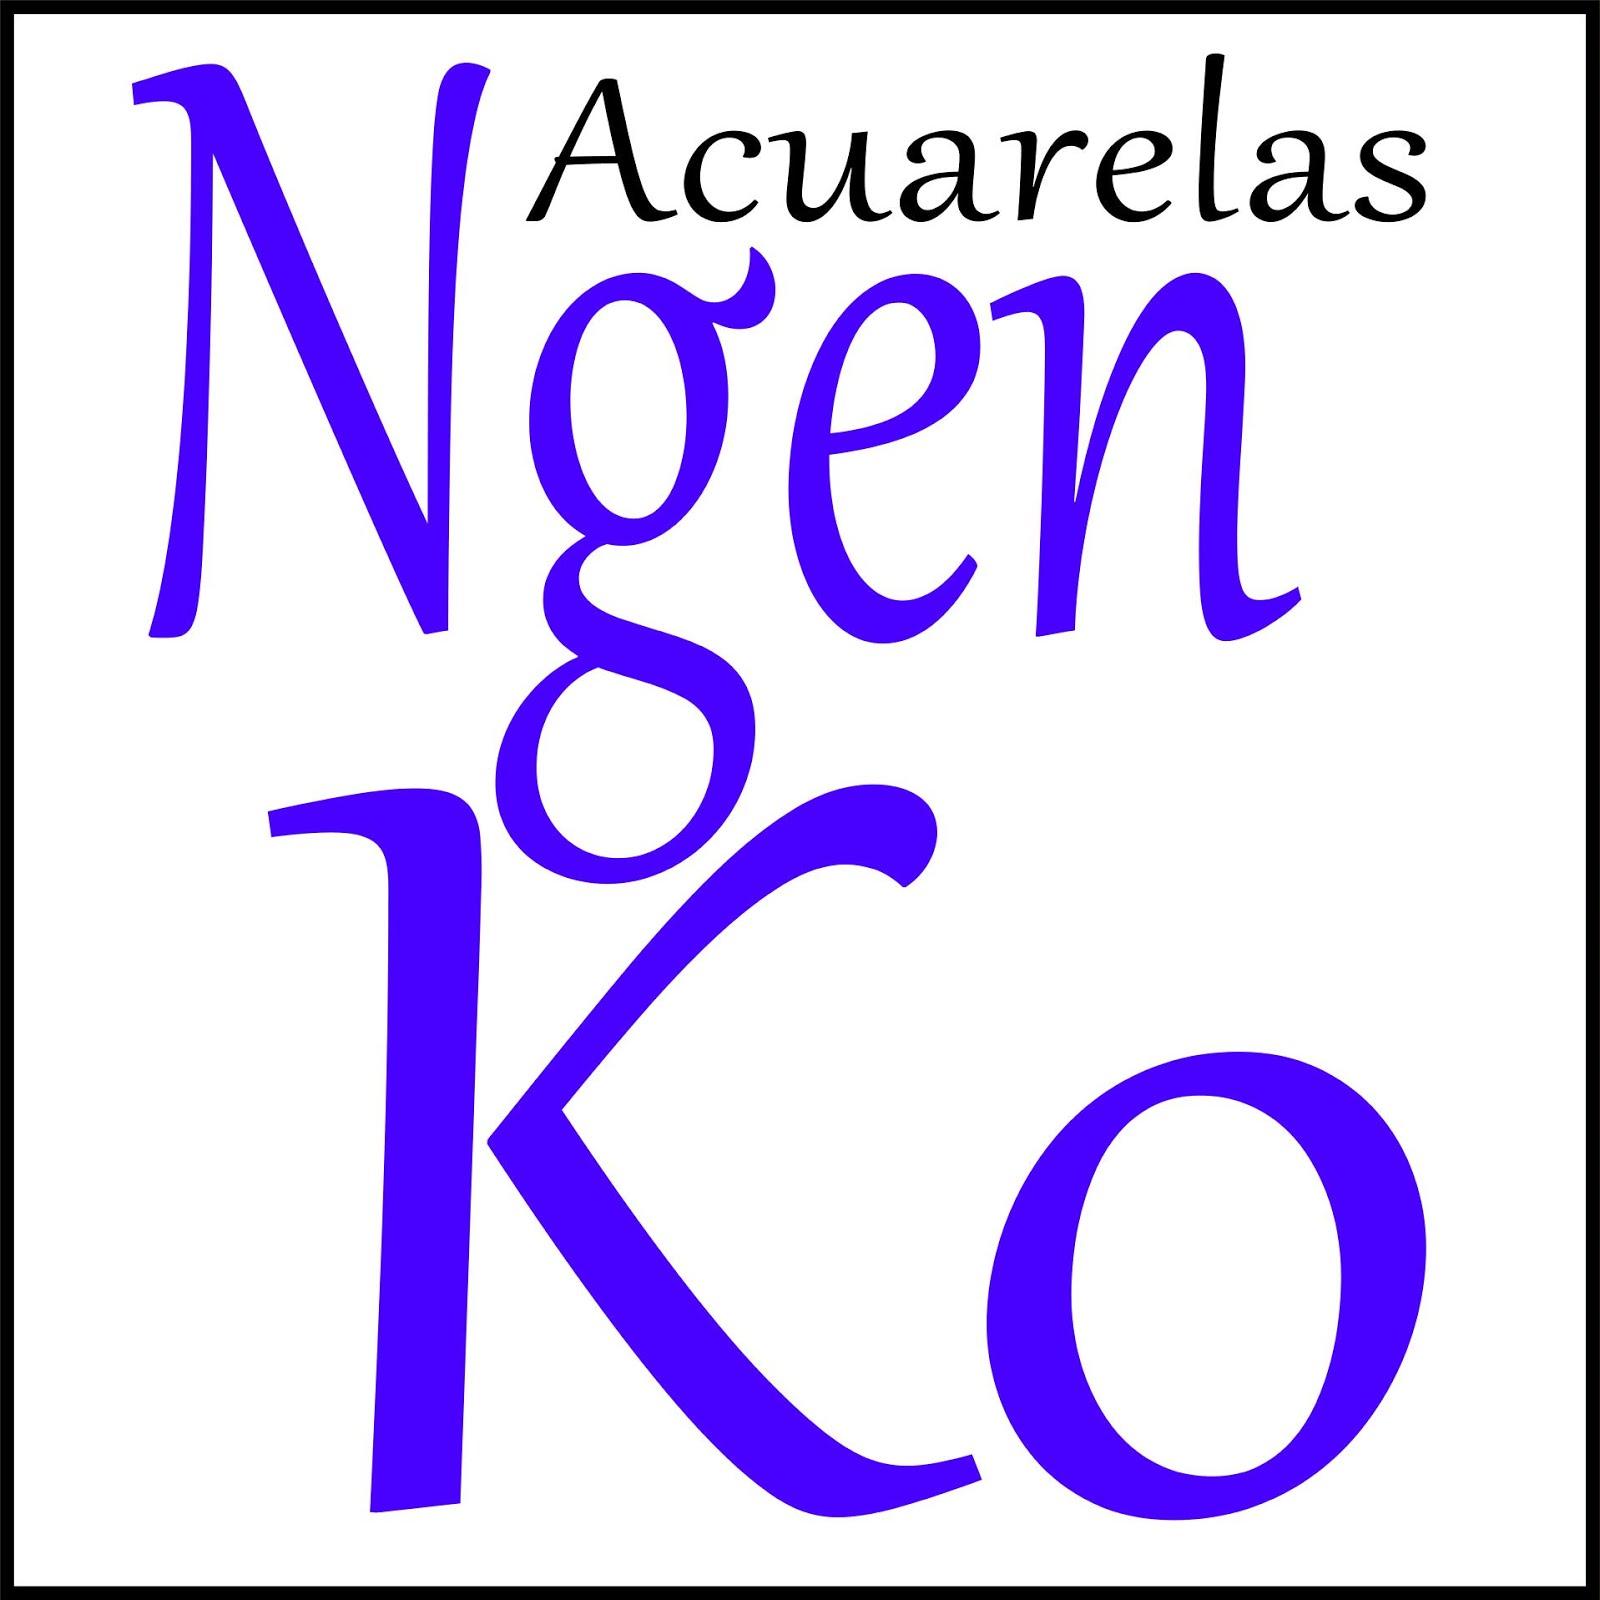 NgenKo